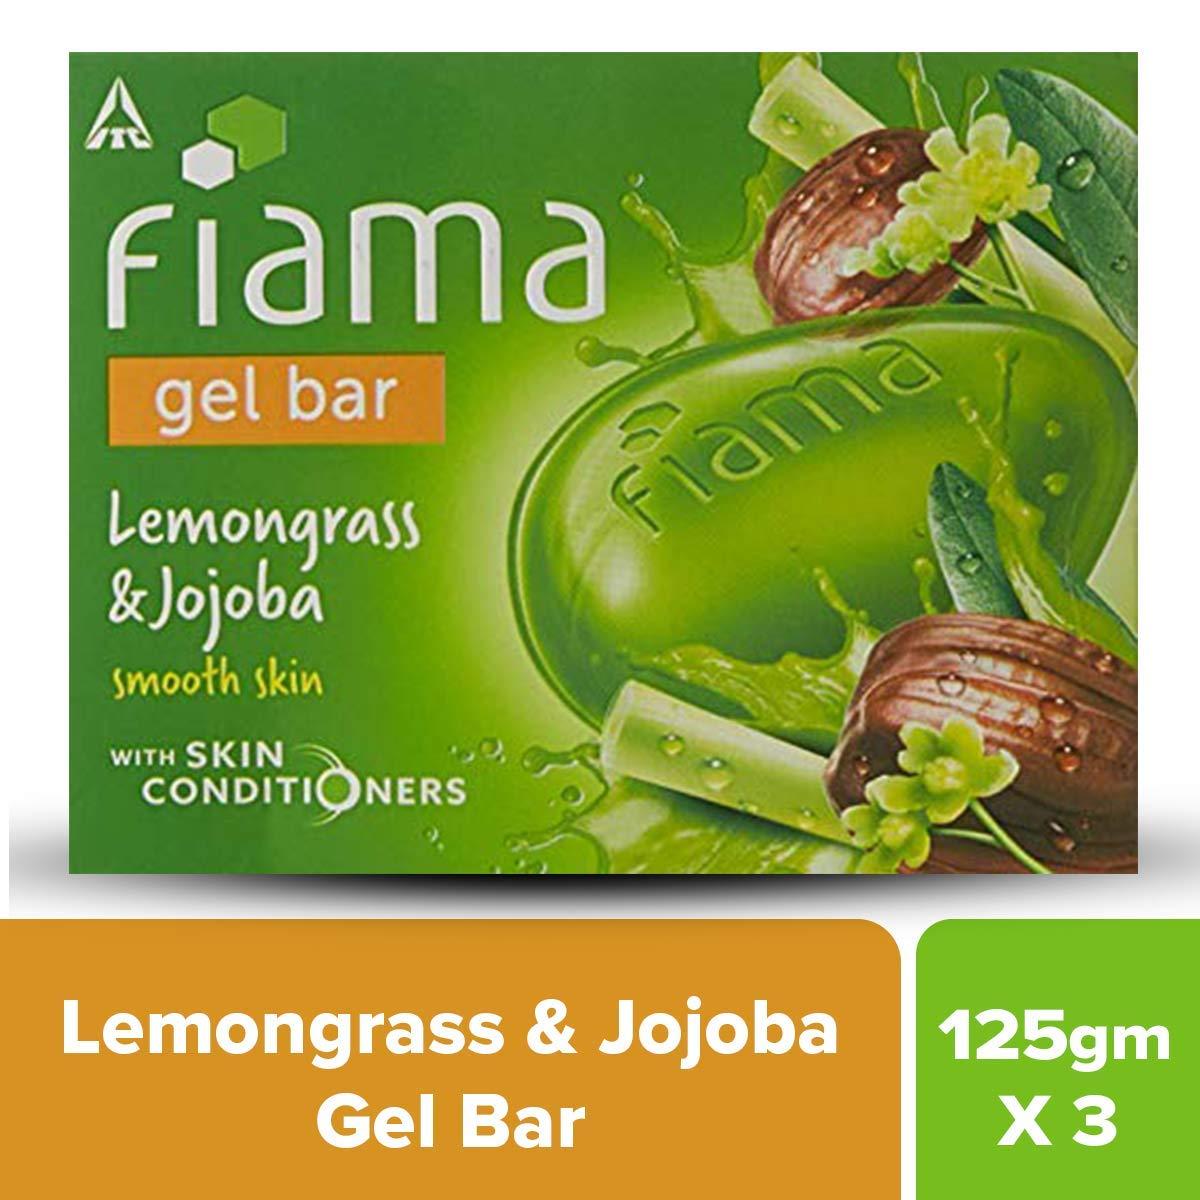 Fiama Di Wills Lemongrass & Jojoba Gel Bar, 125g (Pack Of 3)